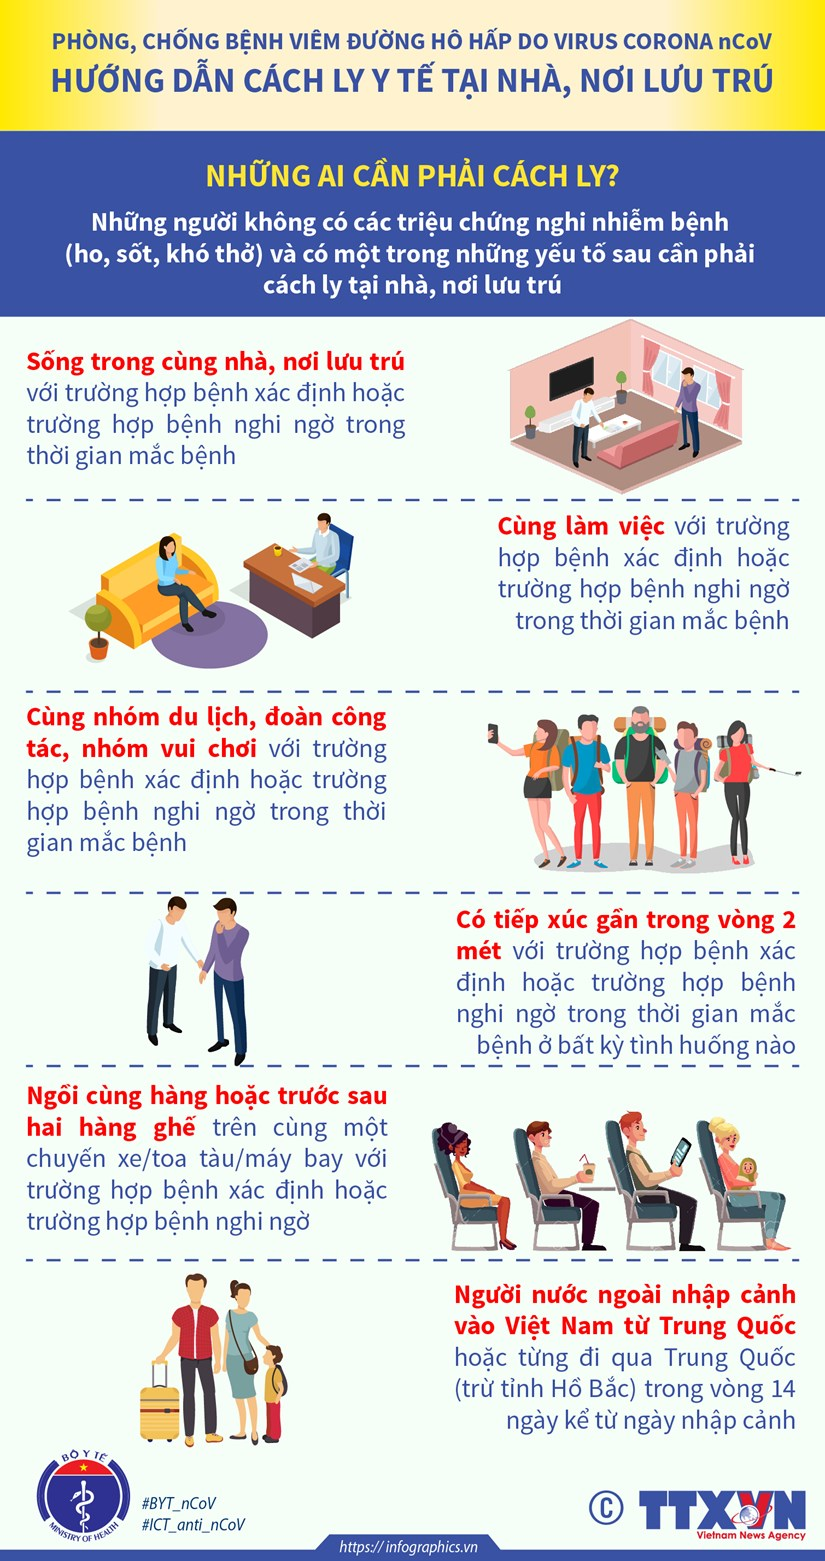 [Infographics] Huong dan bien phap cach ly phong, chong virus corona hinh anh 4